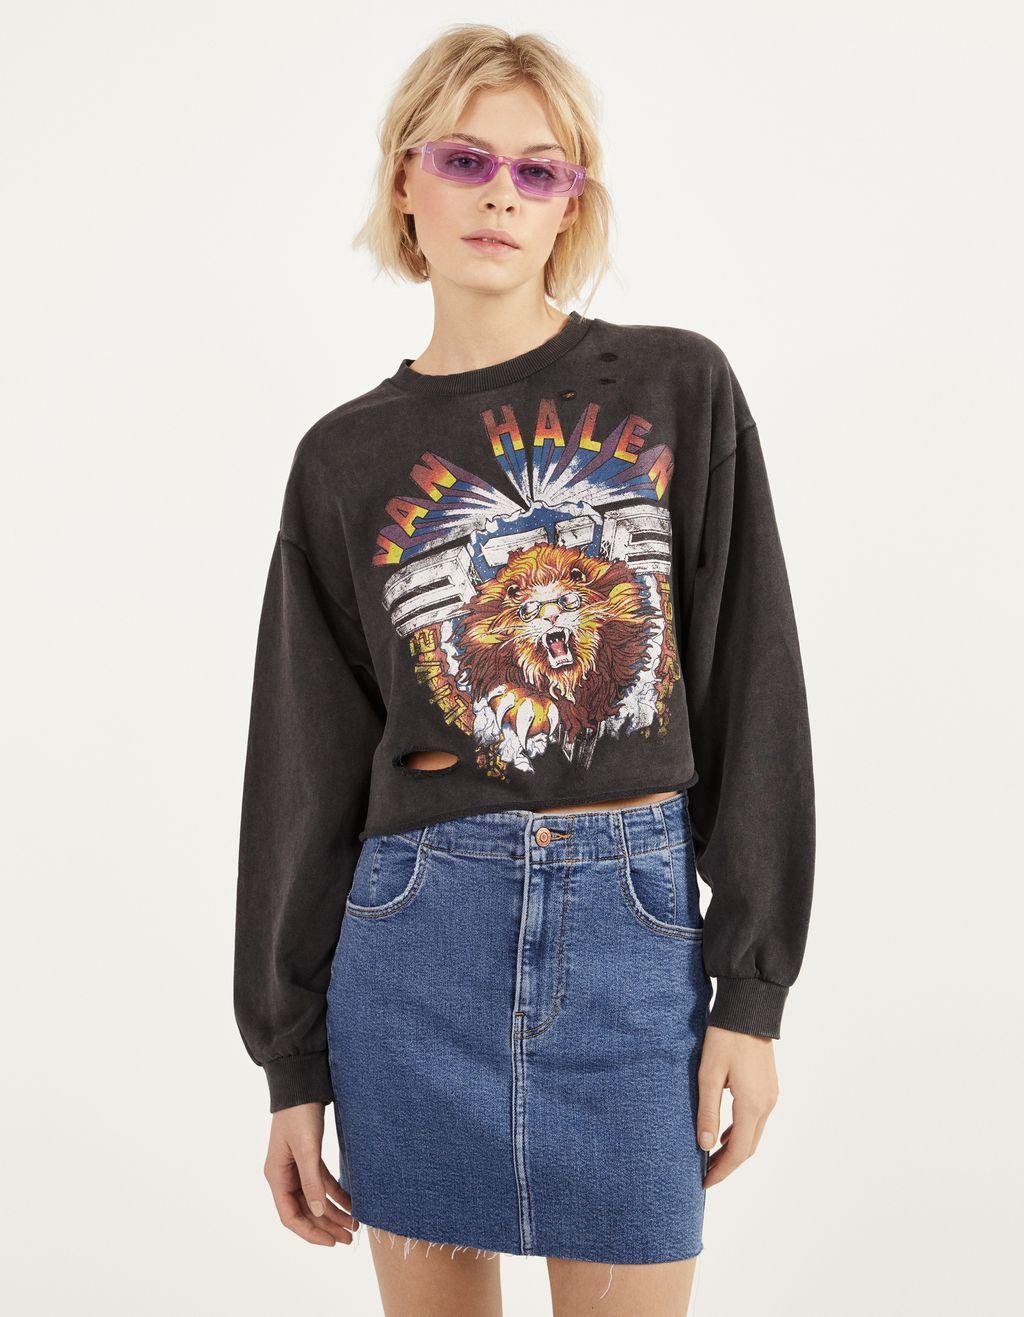 Van Halen sweatshirt